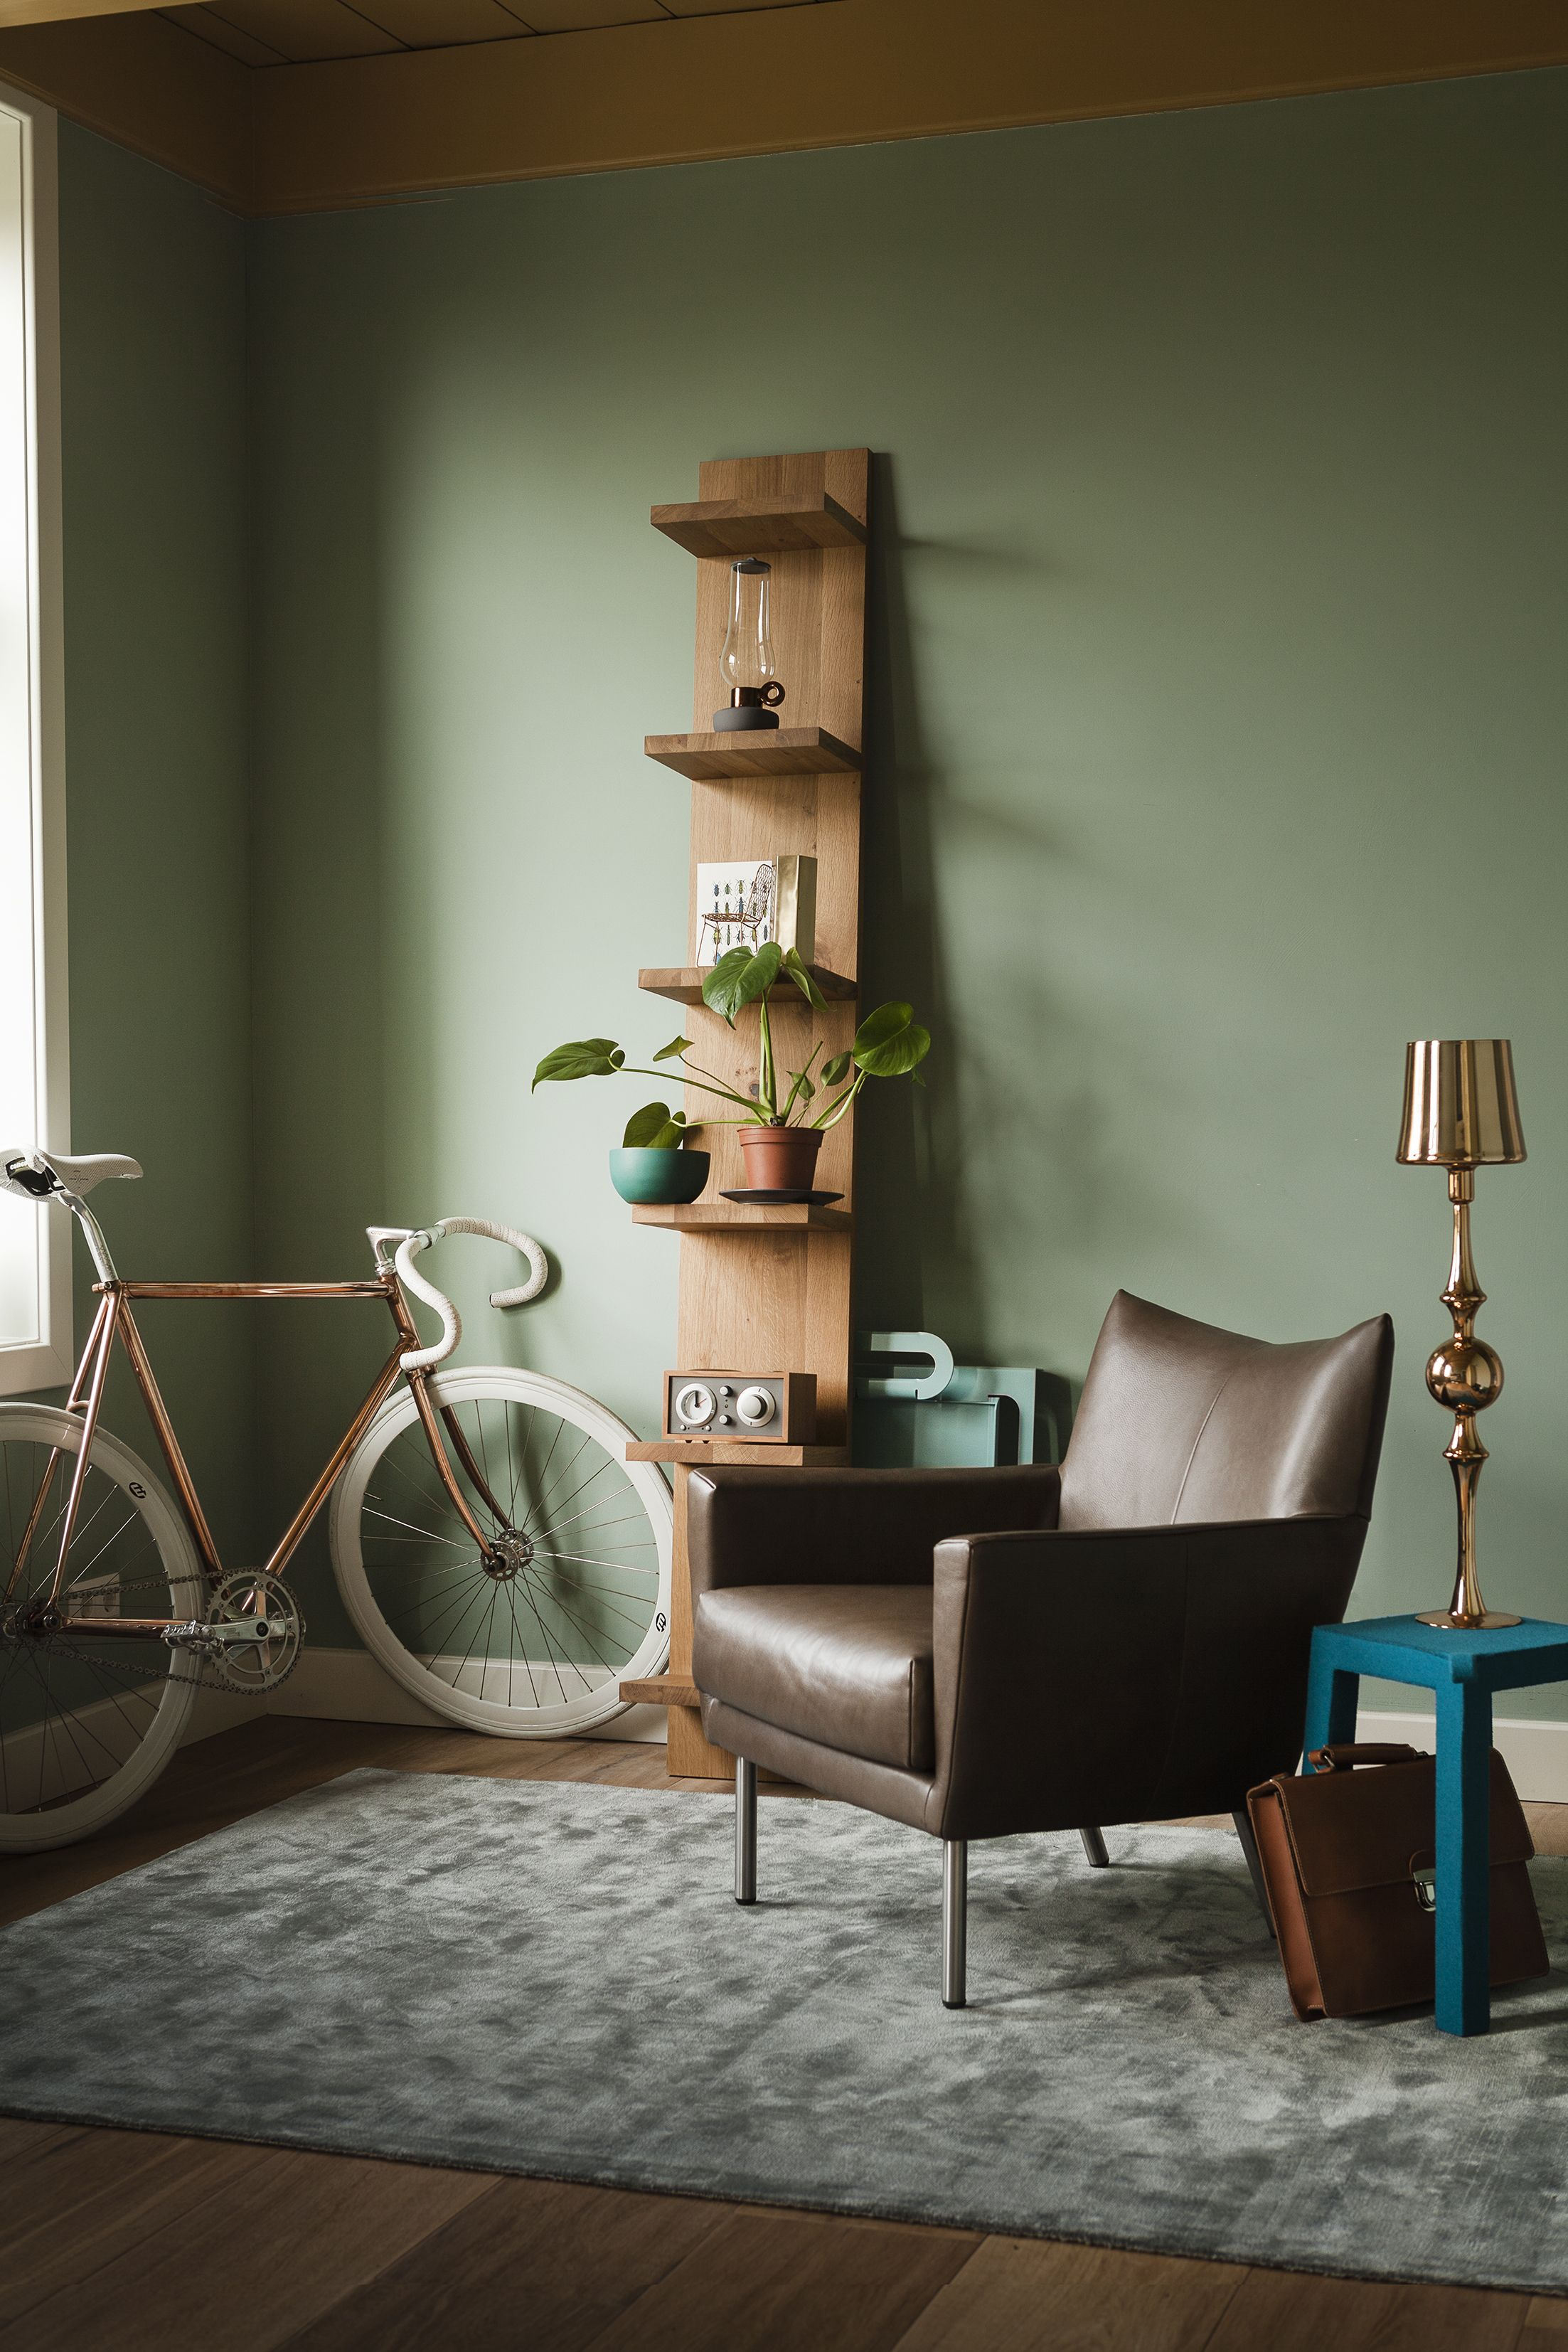 Verwonderlijk Design on Stock Fauteuil Toma (met afbeeldingen) | Groene kamers QX-48